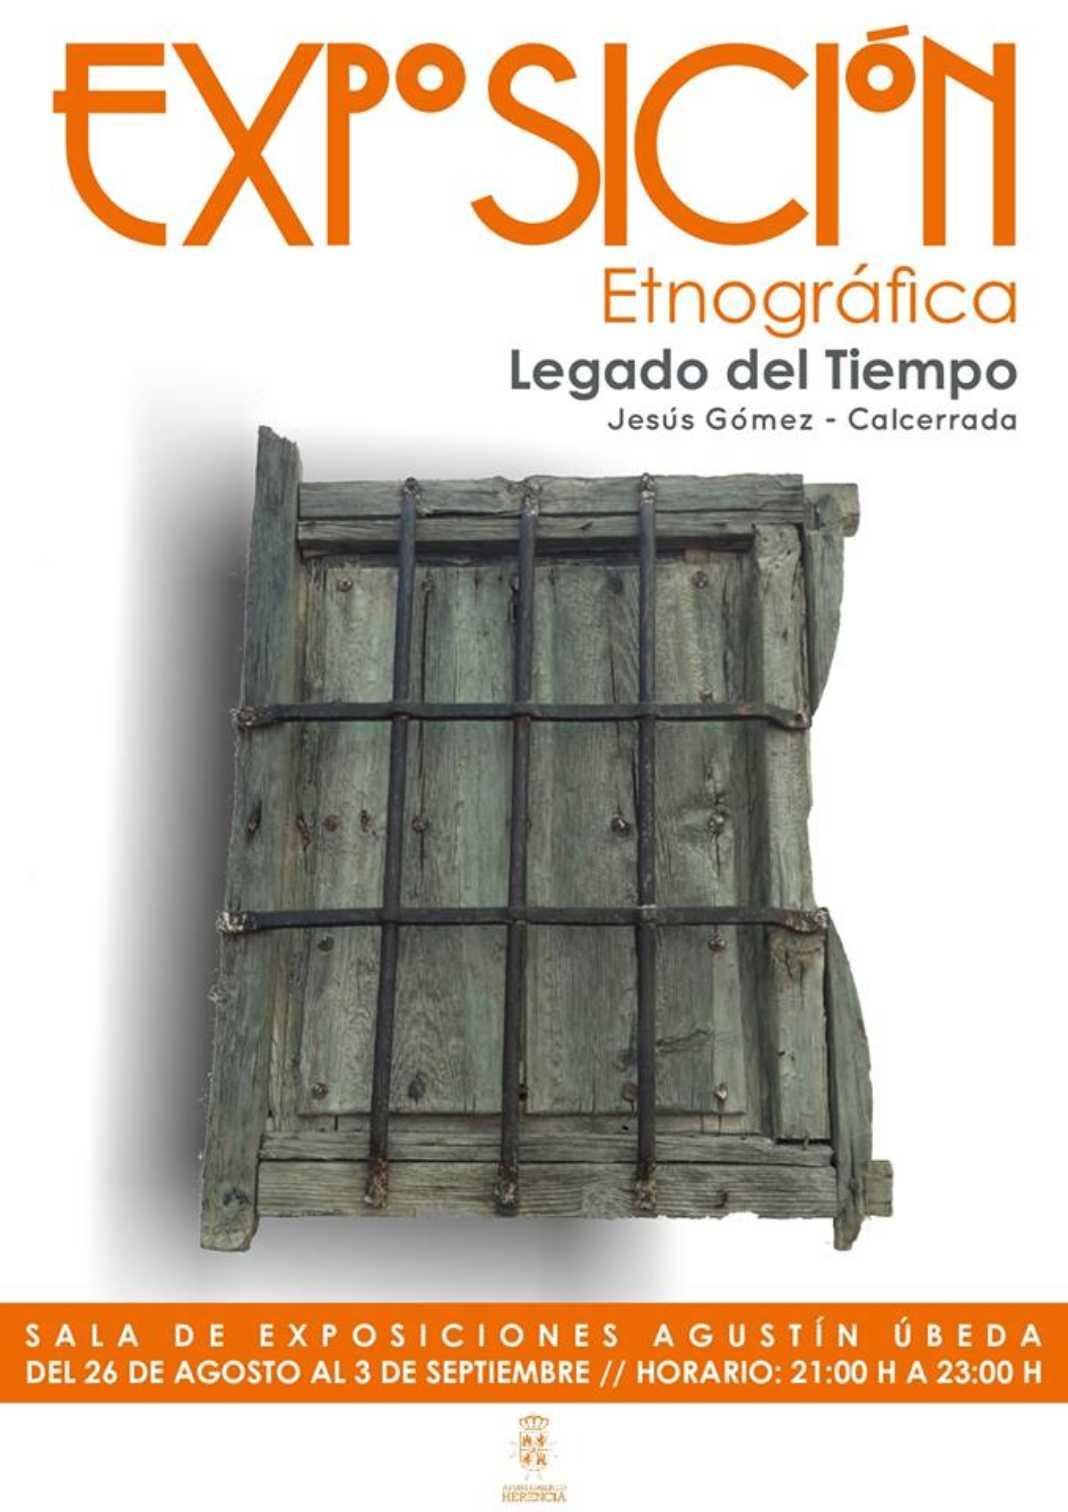 el legado del tiempo exposicion etnografica de Jesus Gomez 1068x1512 - Legado del tiempo. Exposición etnográfica de Jesús Gómez